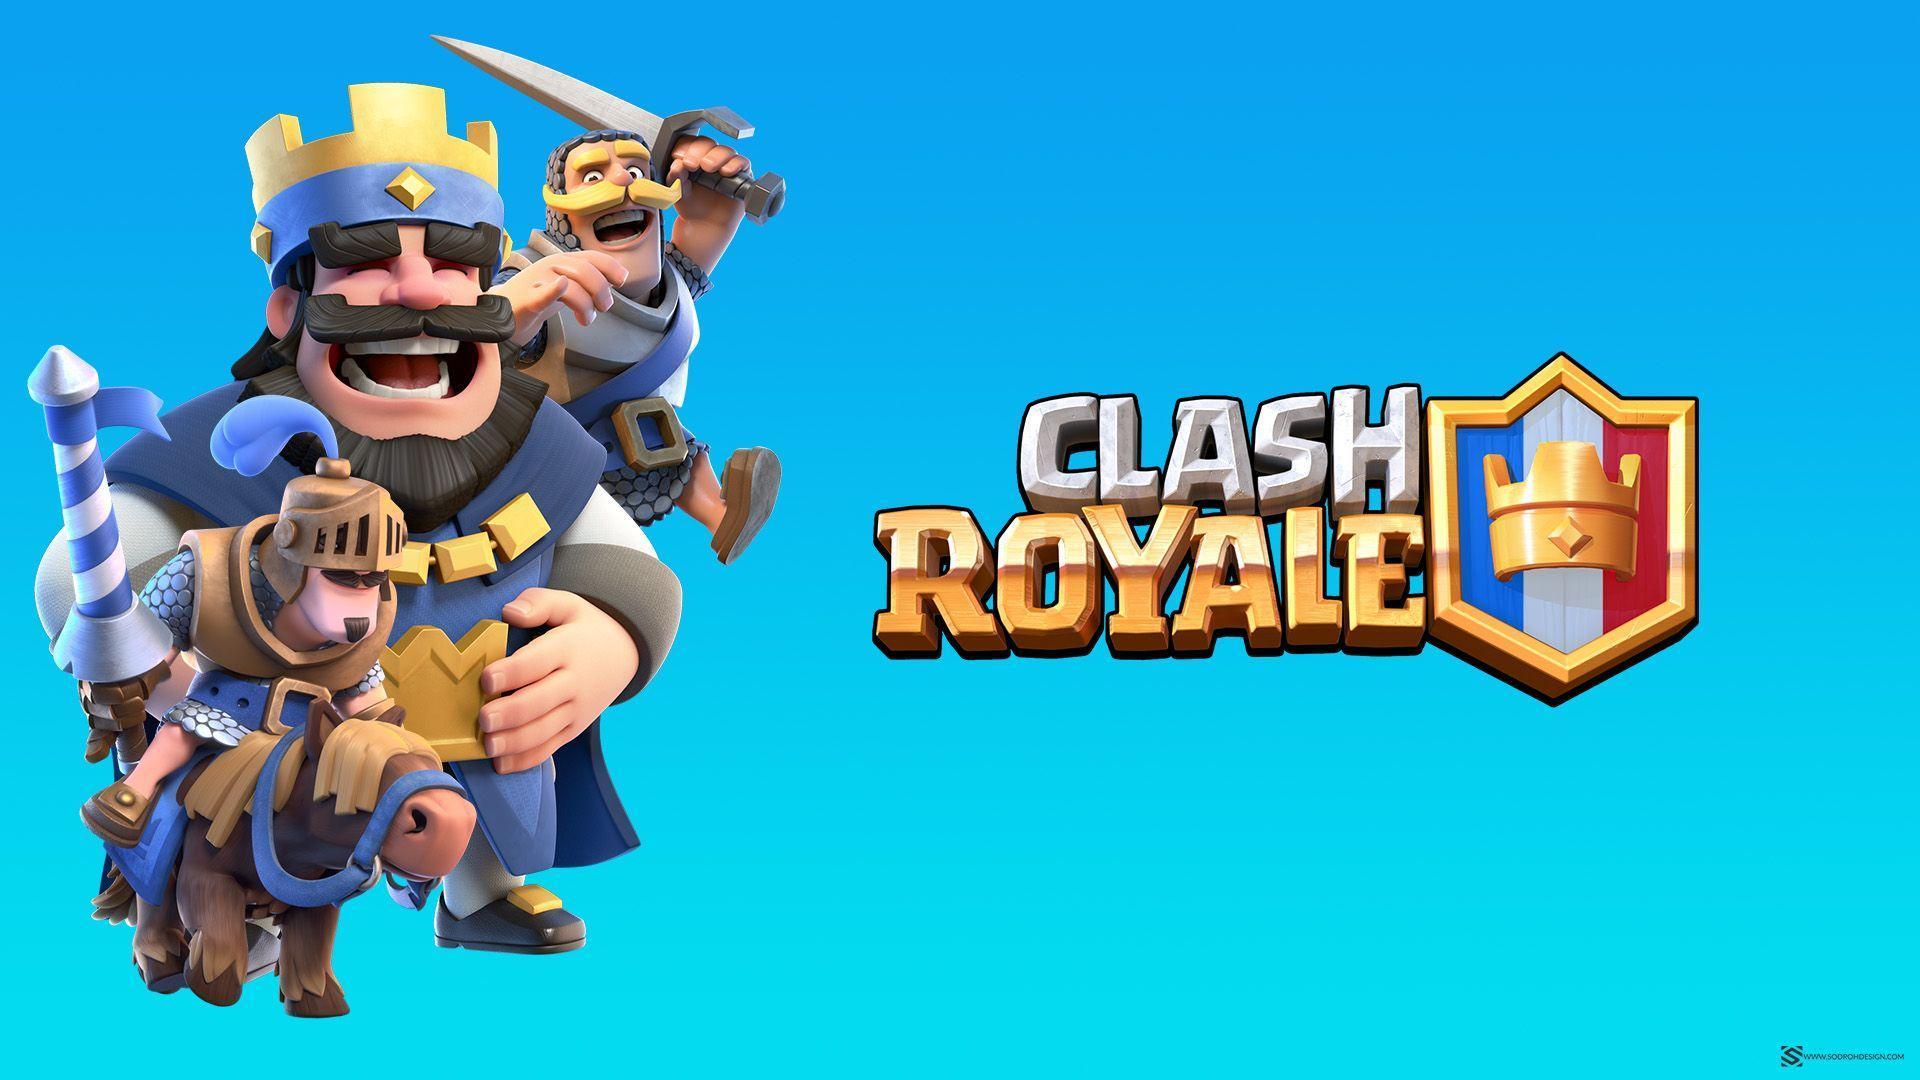 Clash Royal Wallpaper - WallpaperSafari